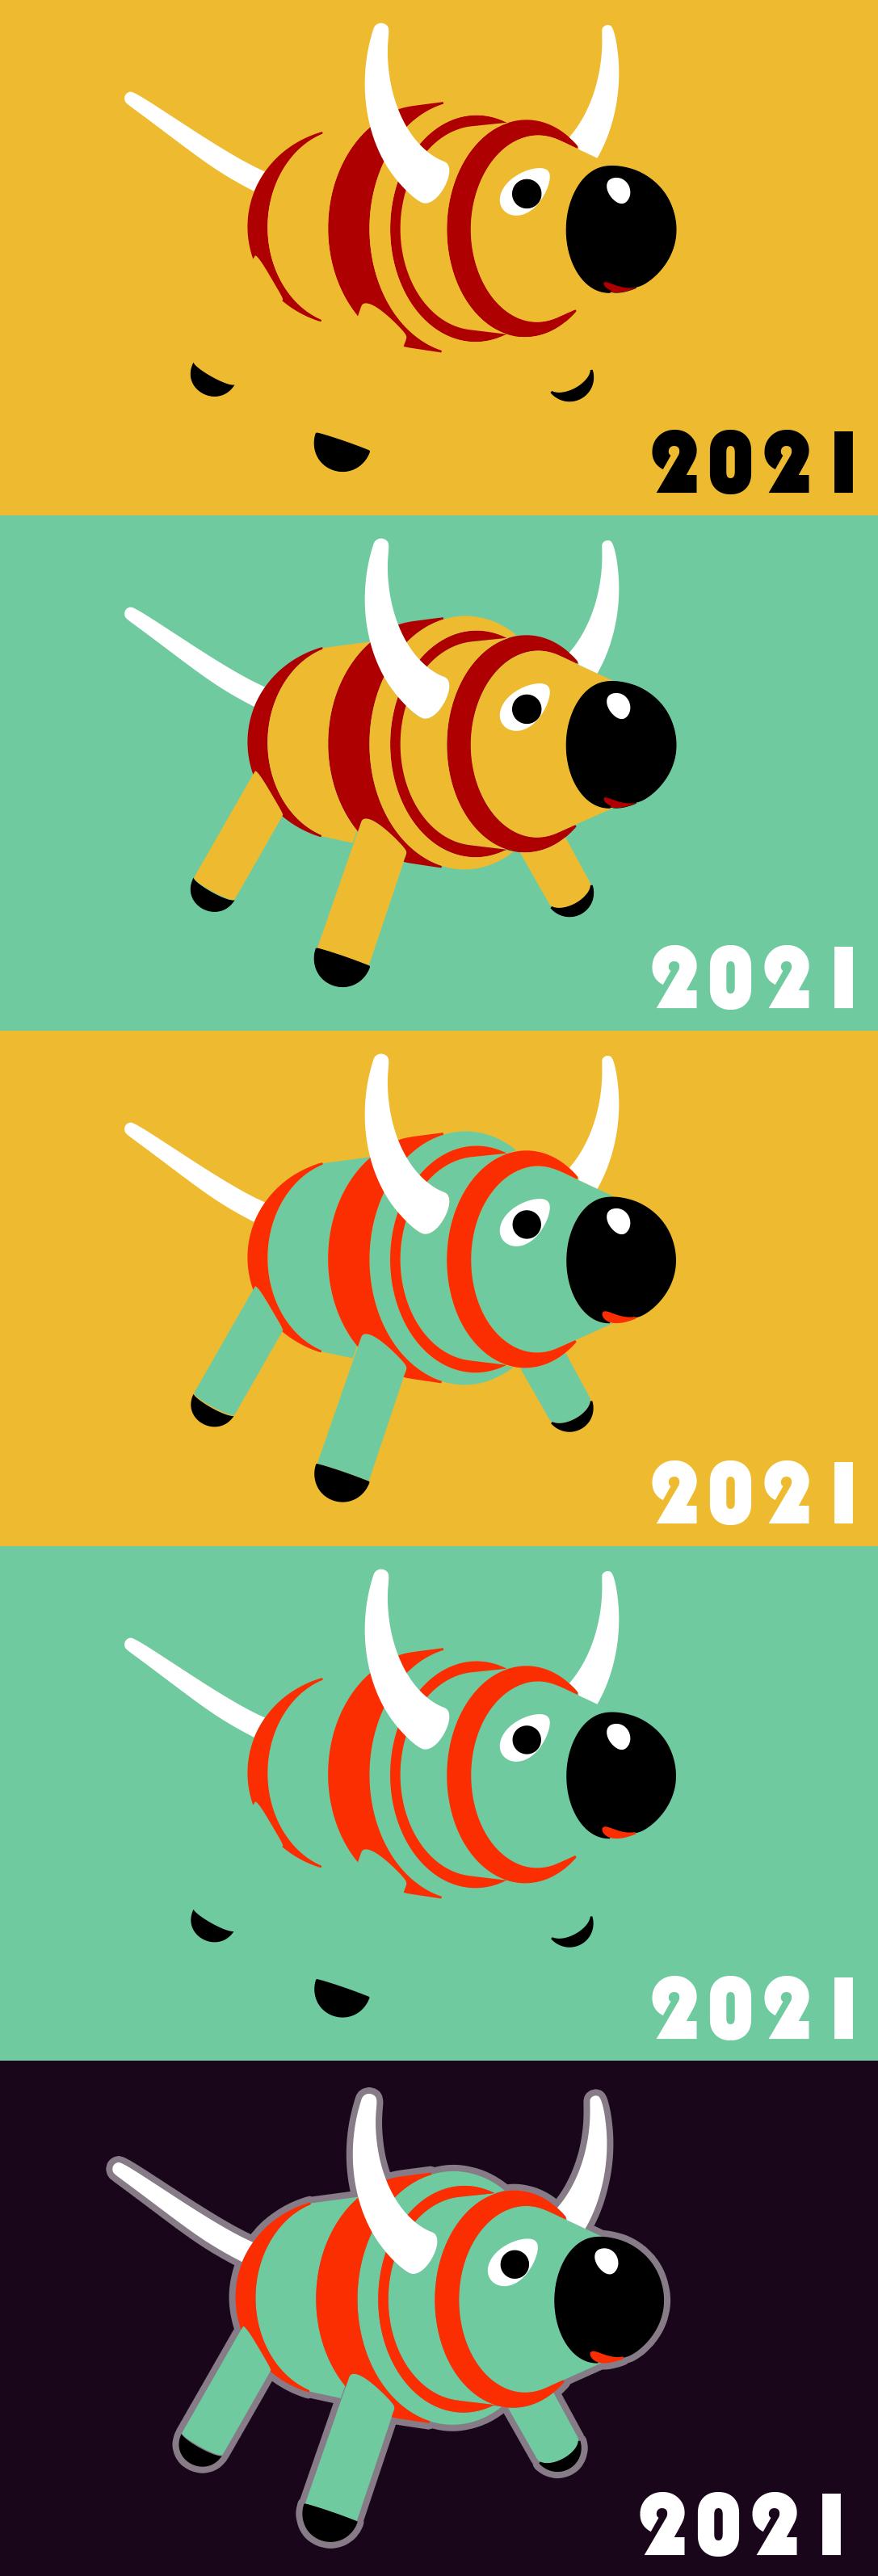 Создать рисунки быков, символа 2021 года, для реализации в м фото f_2995ef2650376580.png